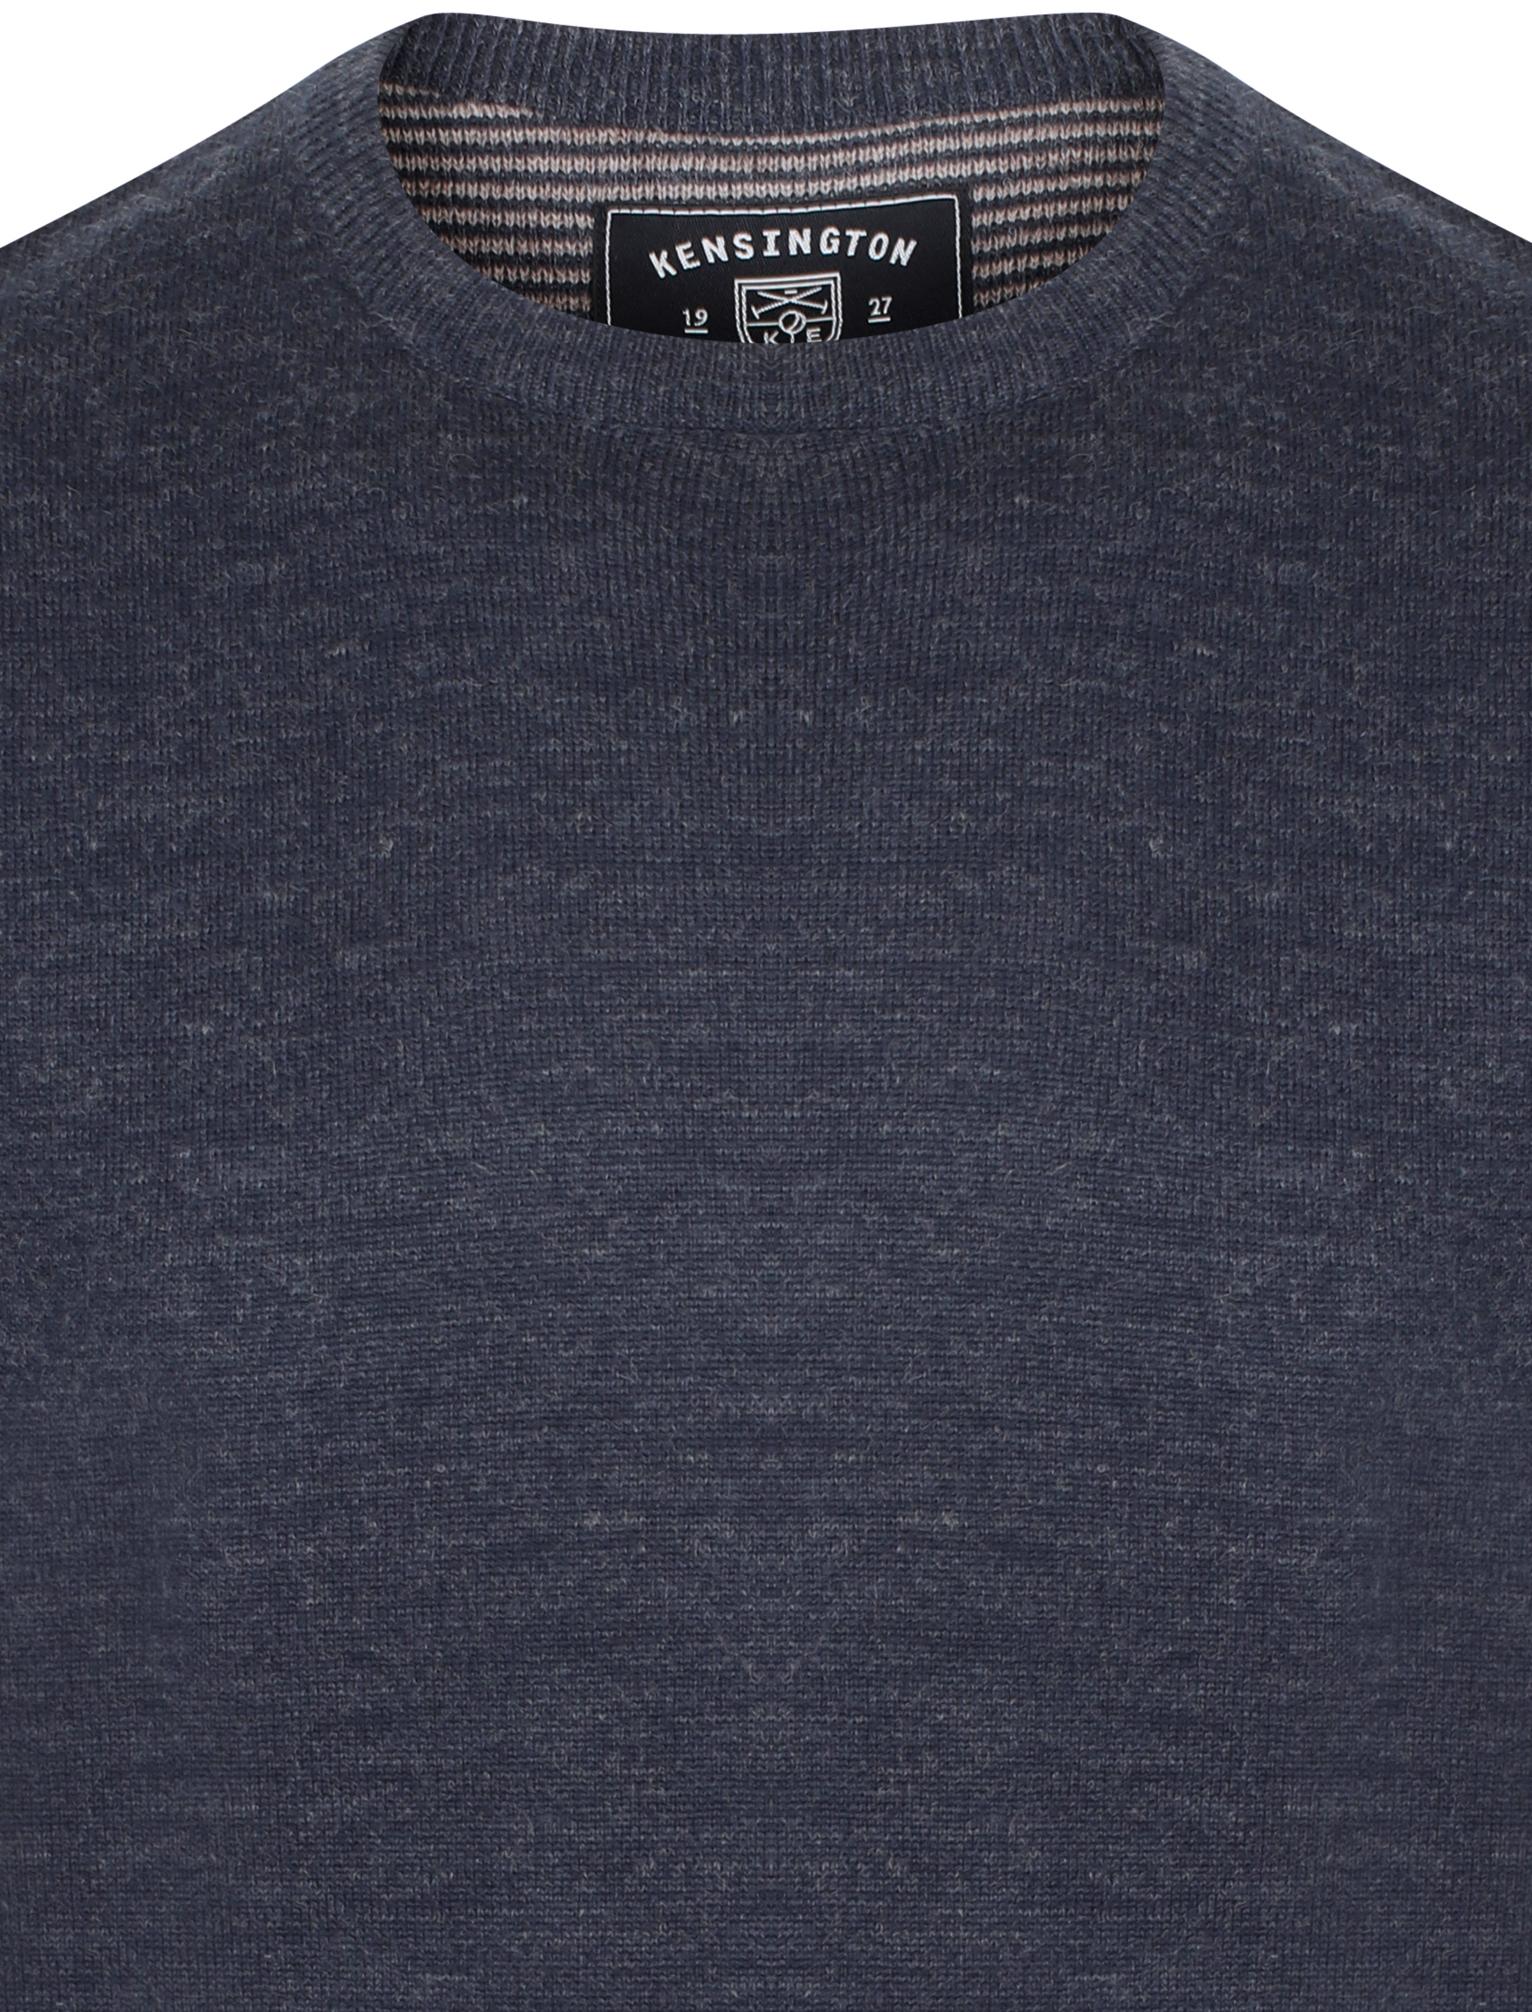 Kensington-Eastside-Men-039-s-Wool-Blend-Knitted-Crew-or-V-Neck-Jumper-Sweater-Top thumbnail 24